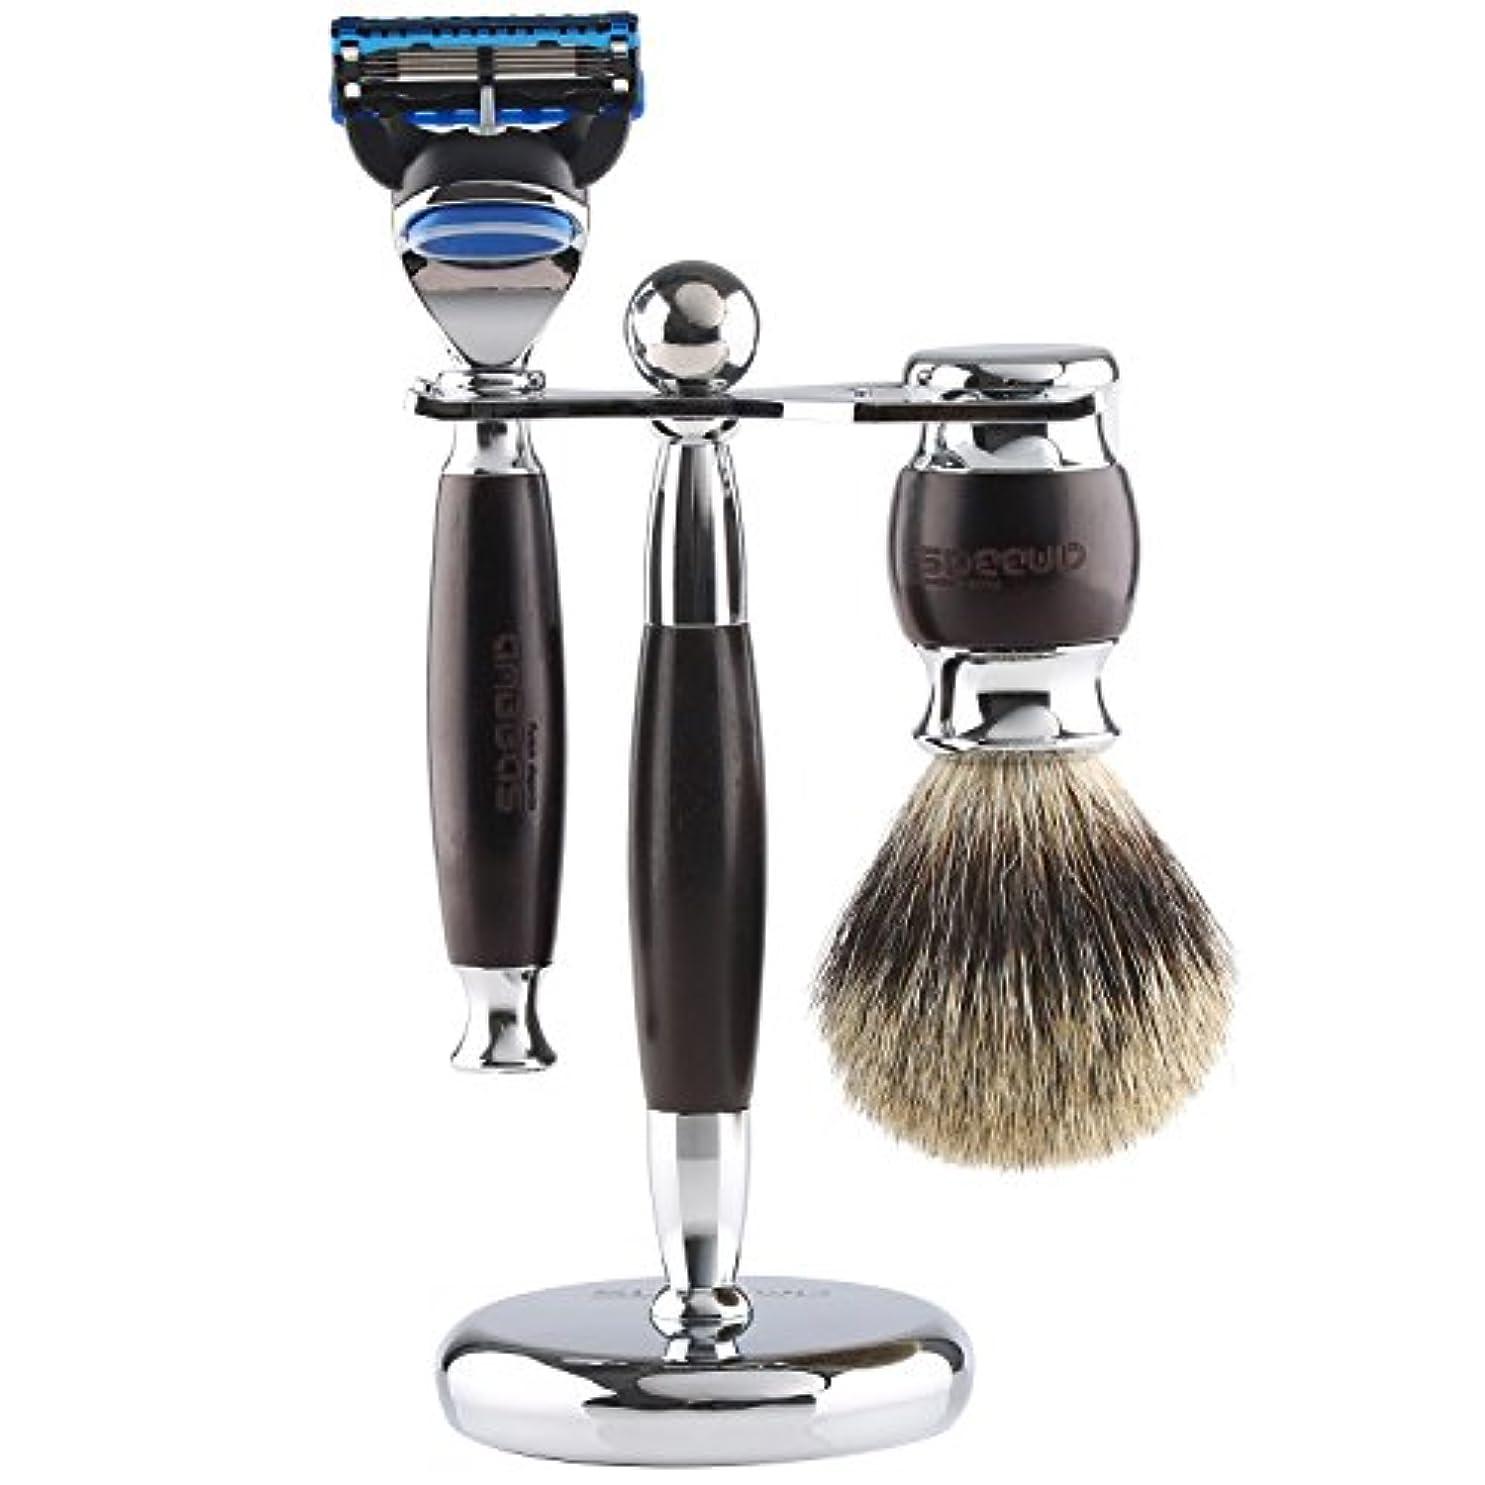 学んだルアーする必要があるEasy Raku®Anbbas 3in1 クラシックシェービングブラシセット 剃刀スタンド アナグマ毛シェービングブラシ シェービングカートリッジ 剃刀ハンドル メンズ